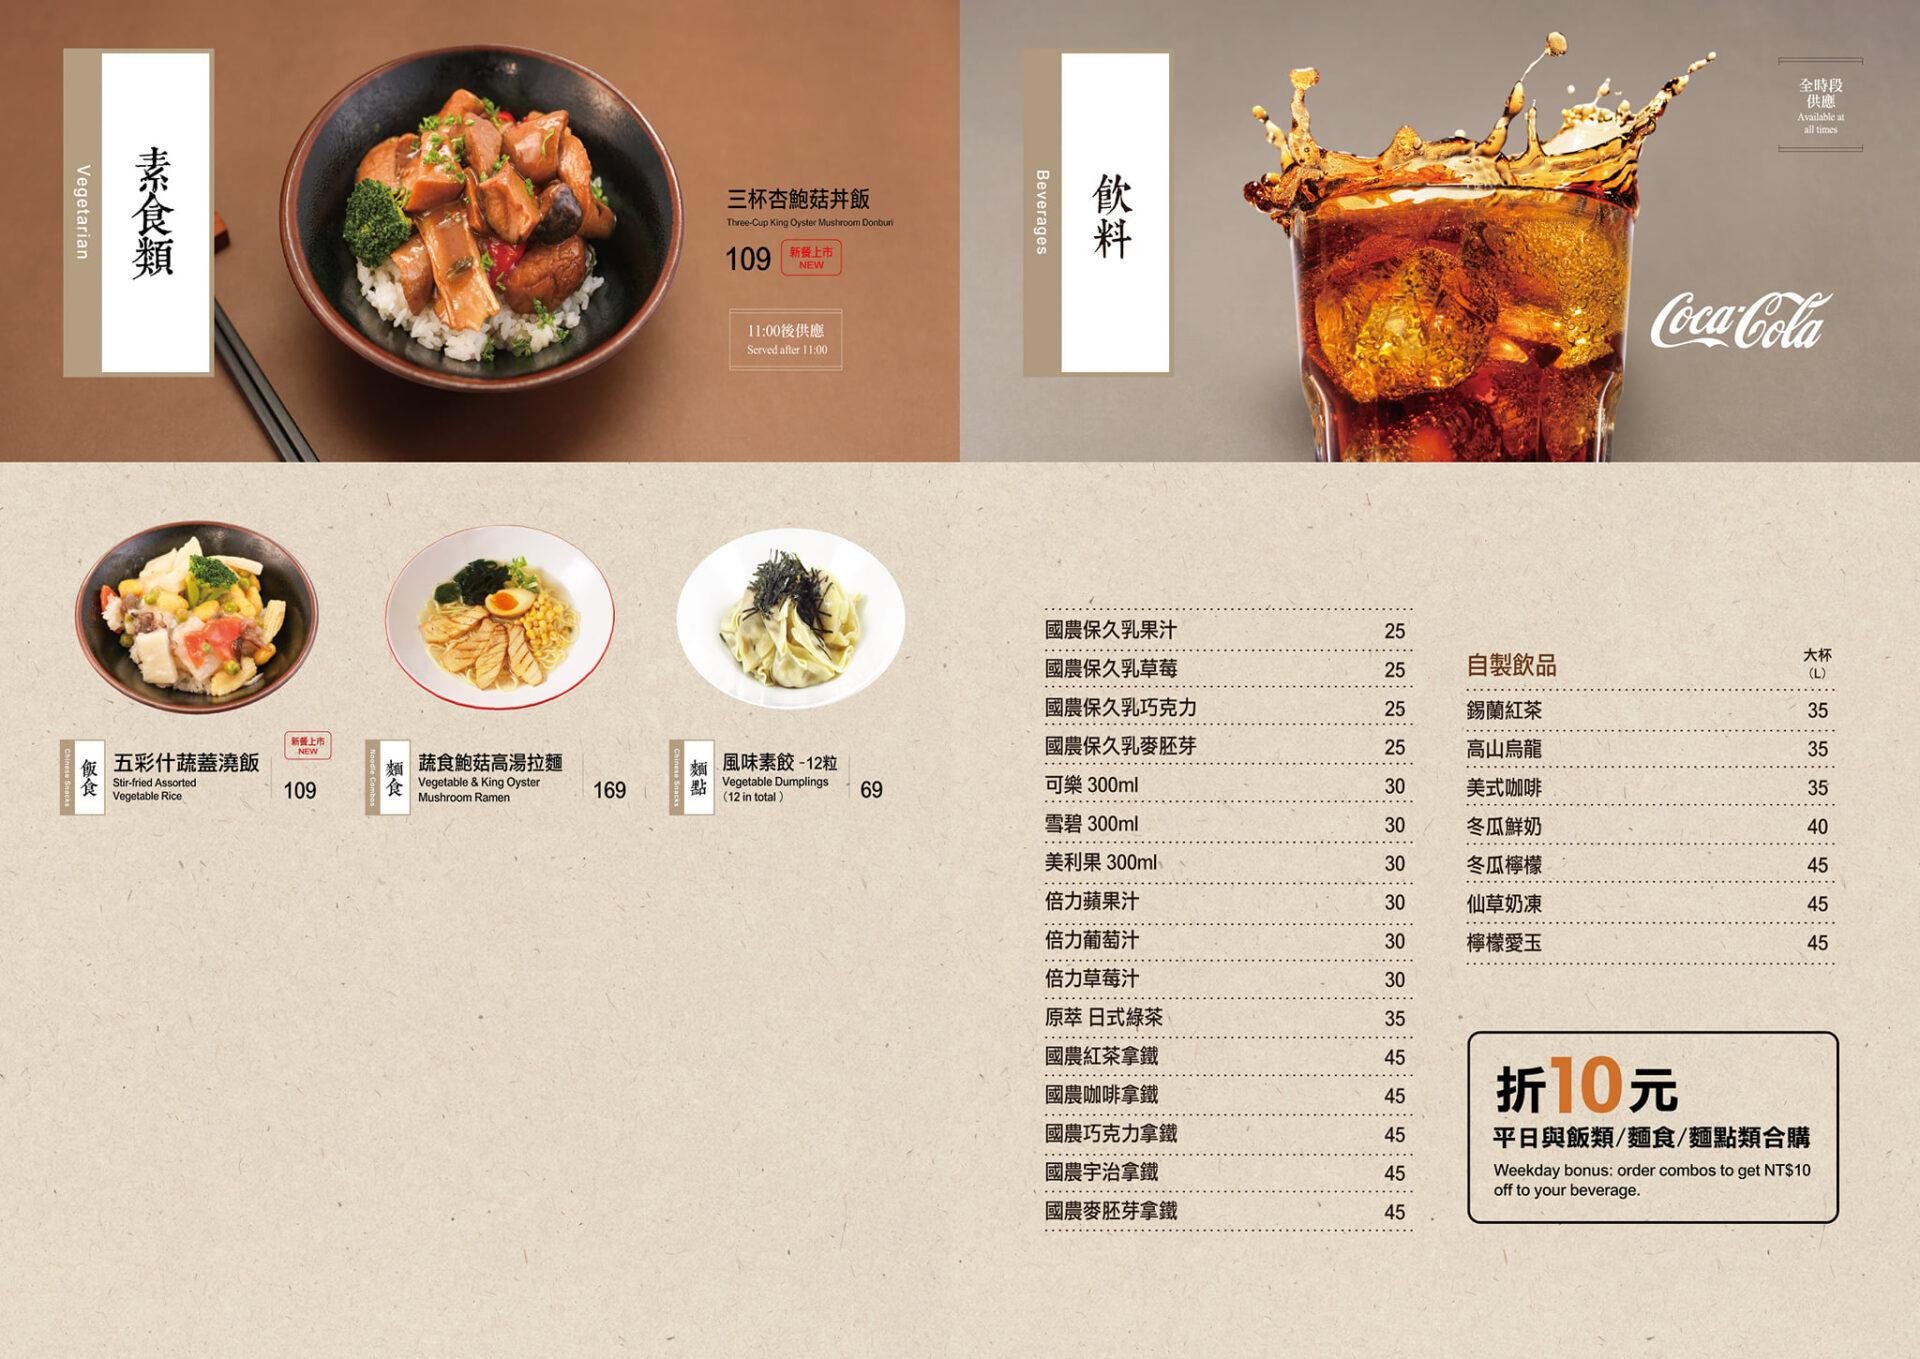 奇美食品幸福工廠菜單3